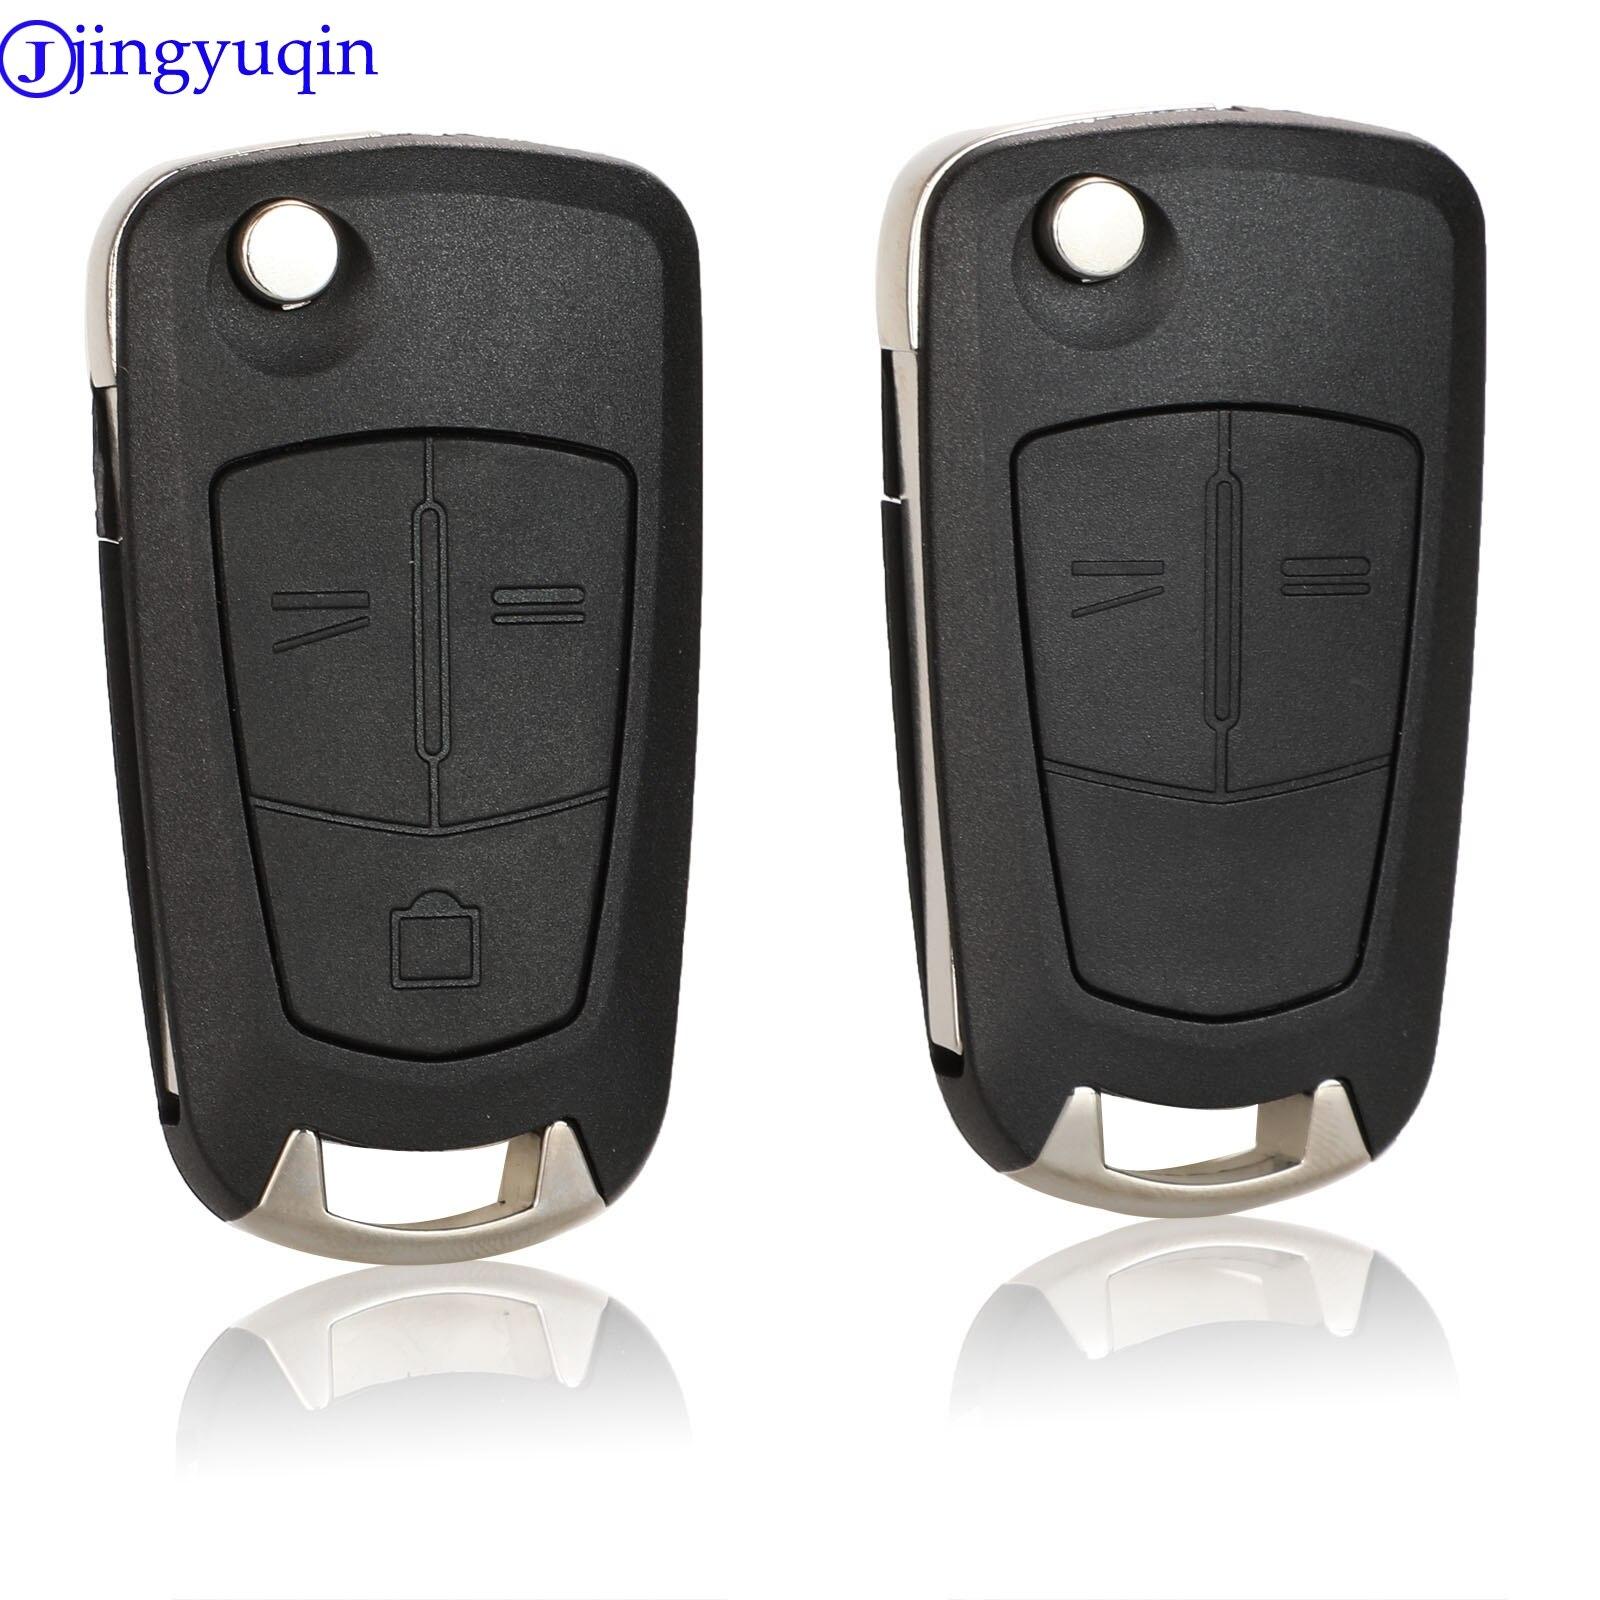 Mando a distancia jingyuqin, 10p, 2/3 botones, carcasa para coche, carcasa, Fob para Opel Vectra Antigo Omega Suprema Agile Montana